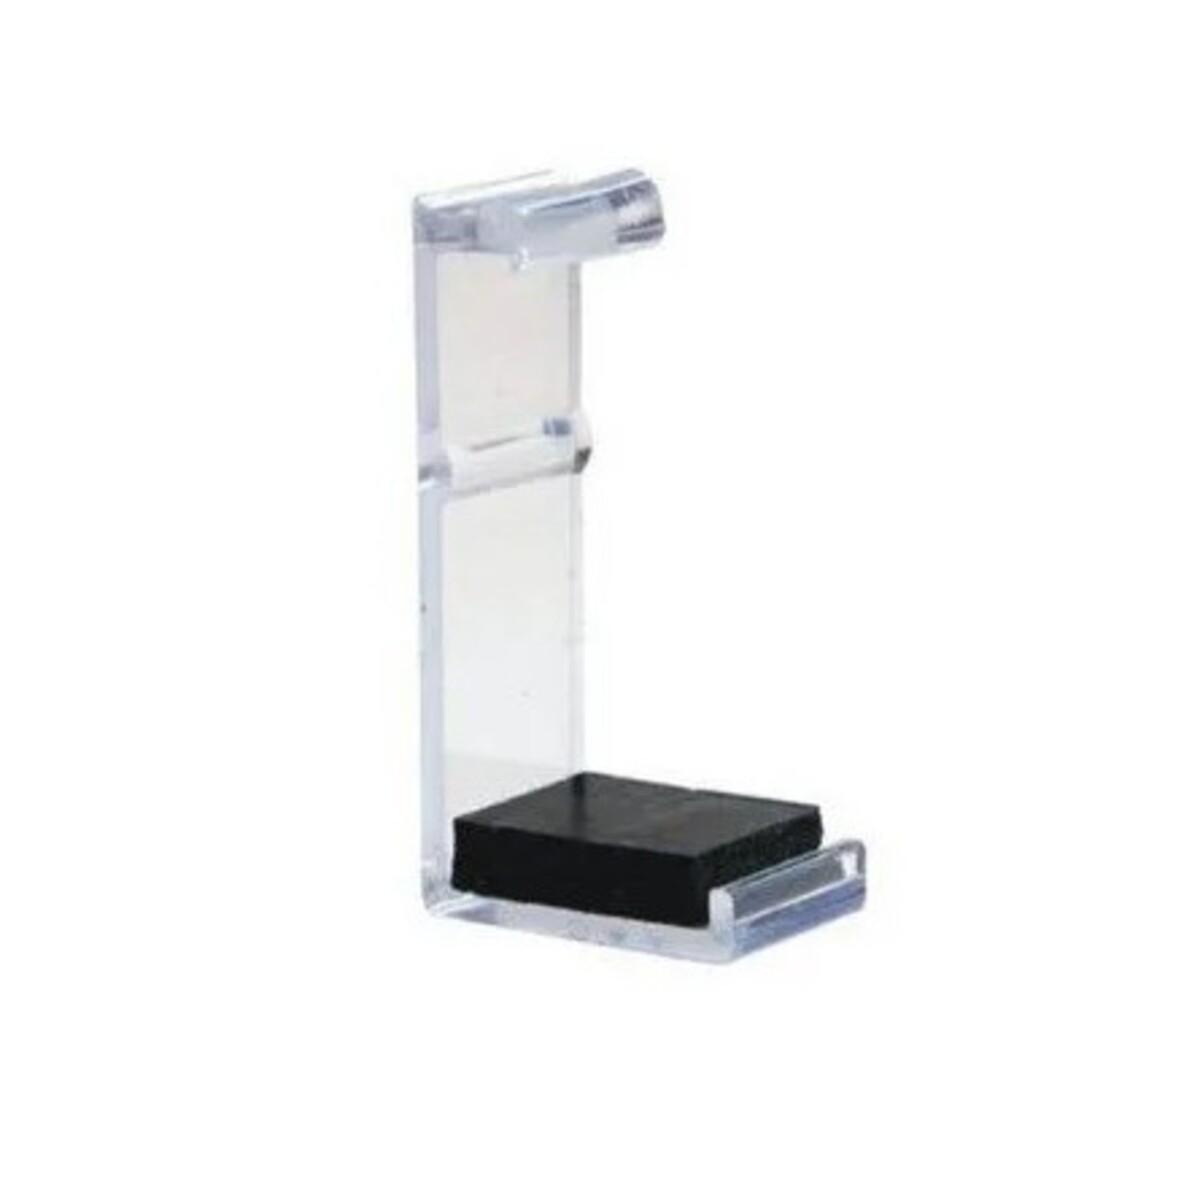 Pacote de Clipes para Cartucho HP Serie 21 com 50 Unidades Transparente